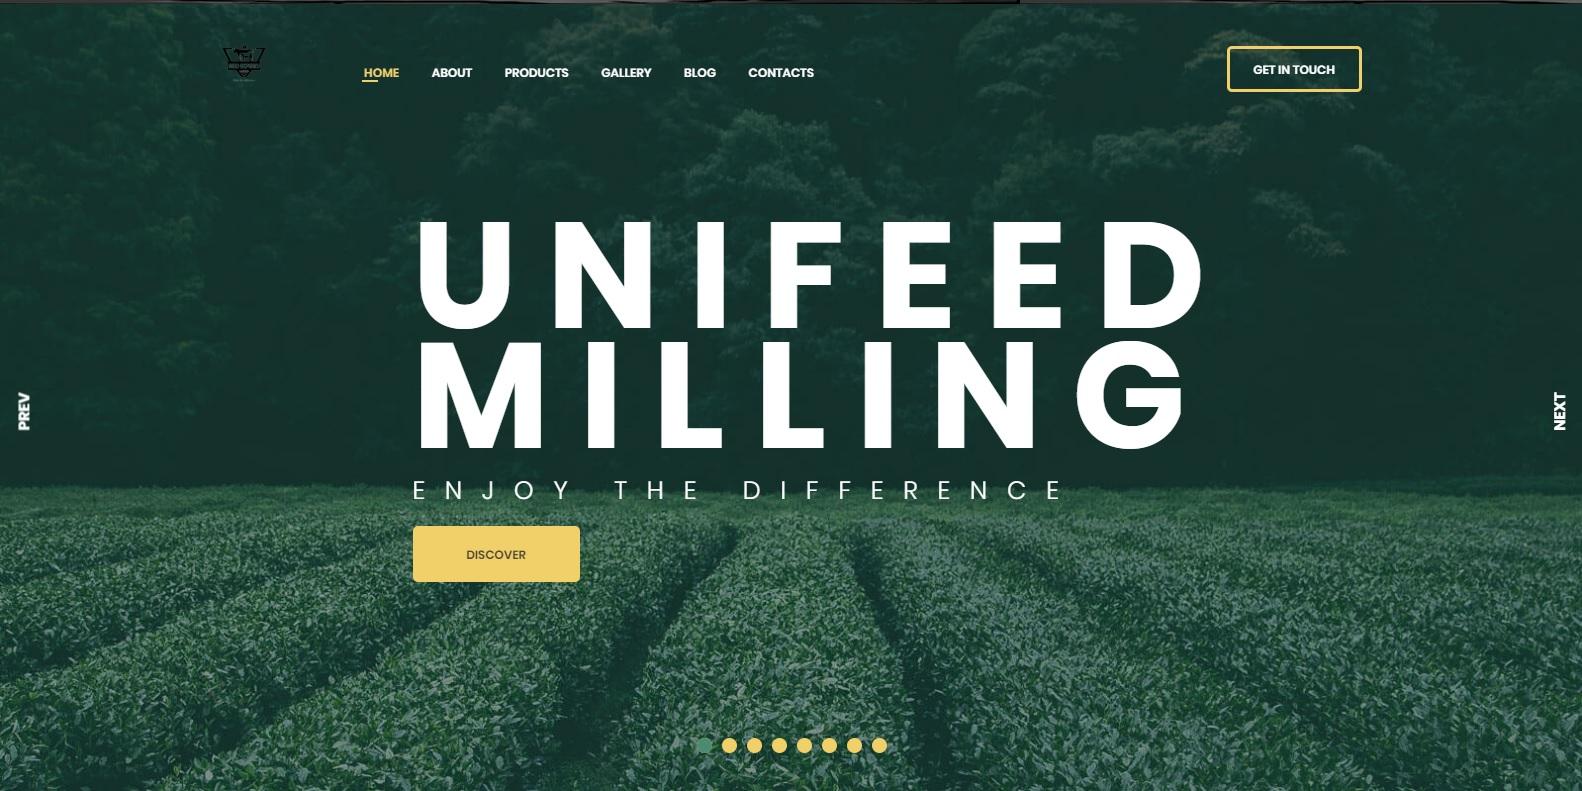 Unifeed Website